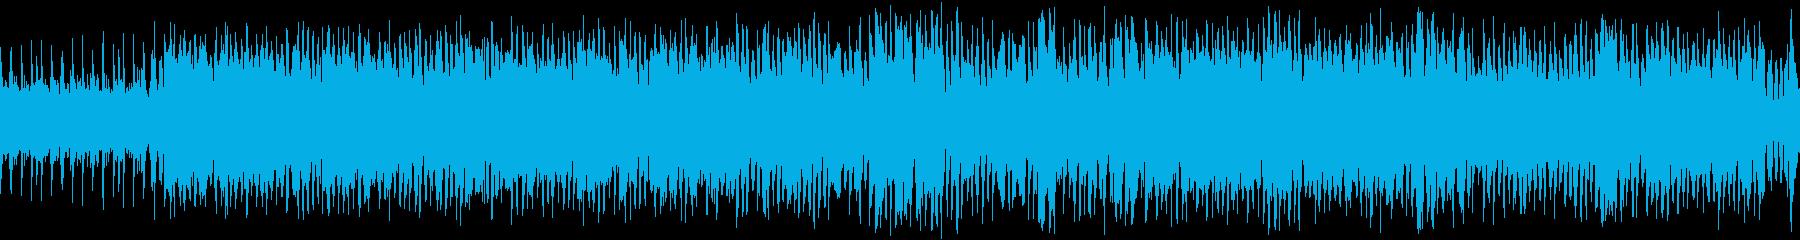 【ループ】カントリー&ウェスタンの楽曲の再生済みの波形